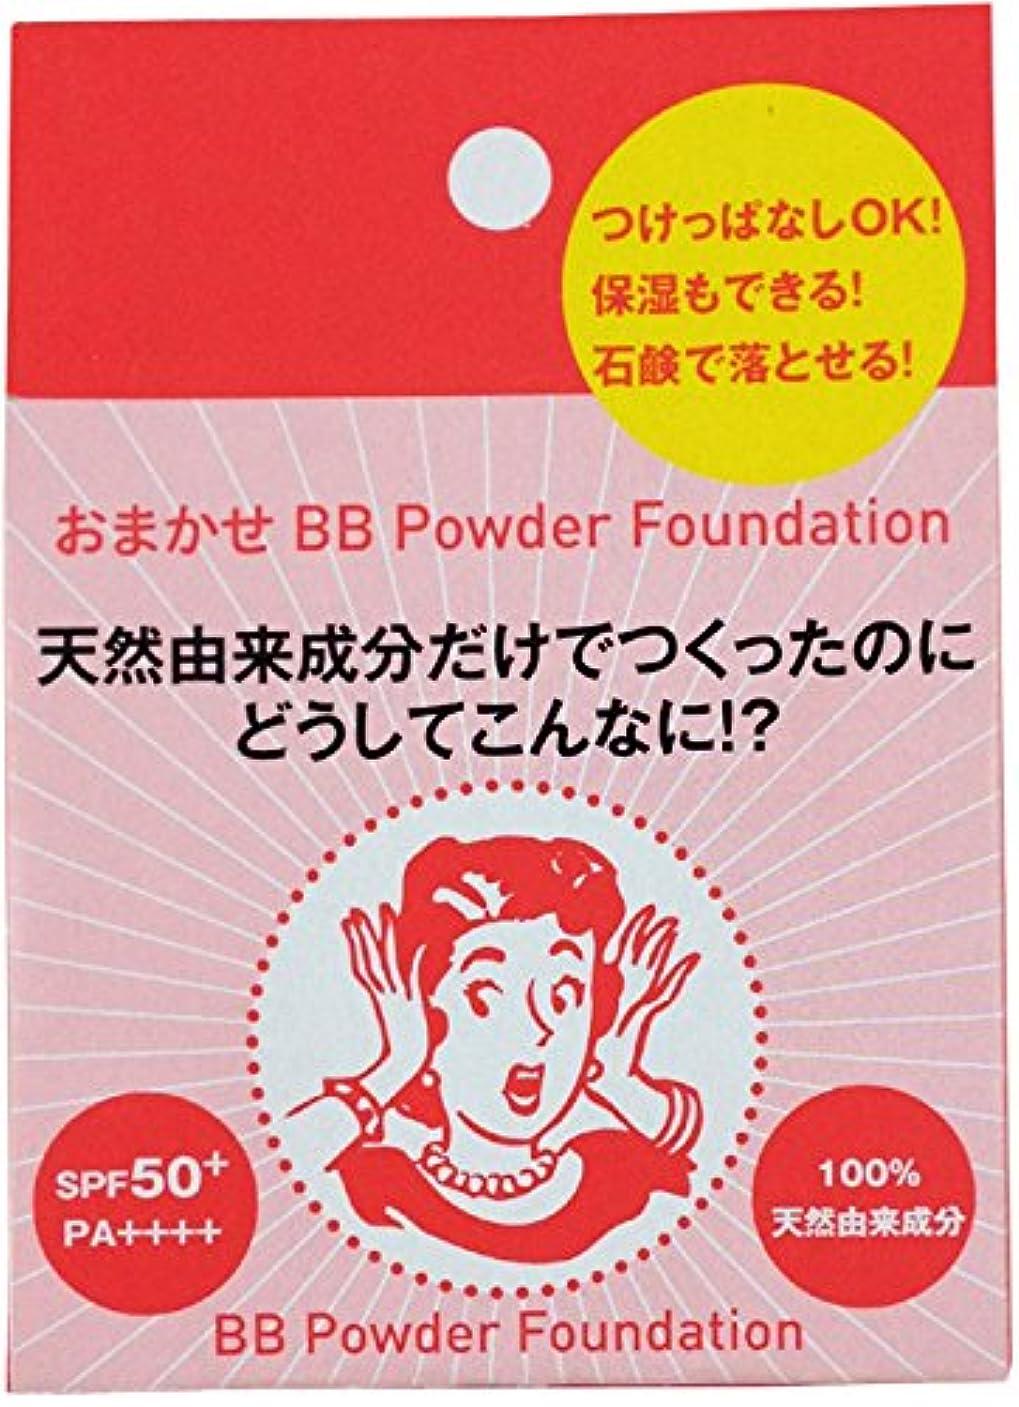 爆発する熱望する申請中おまかせBBパウダーファンデーション